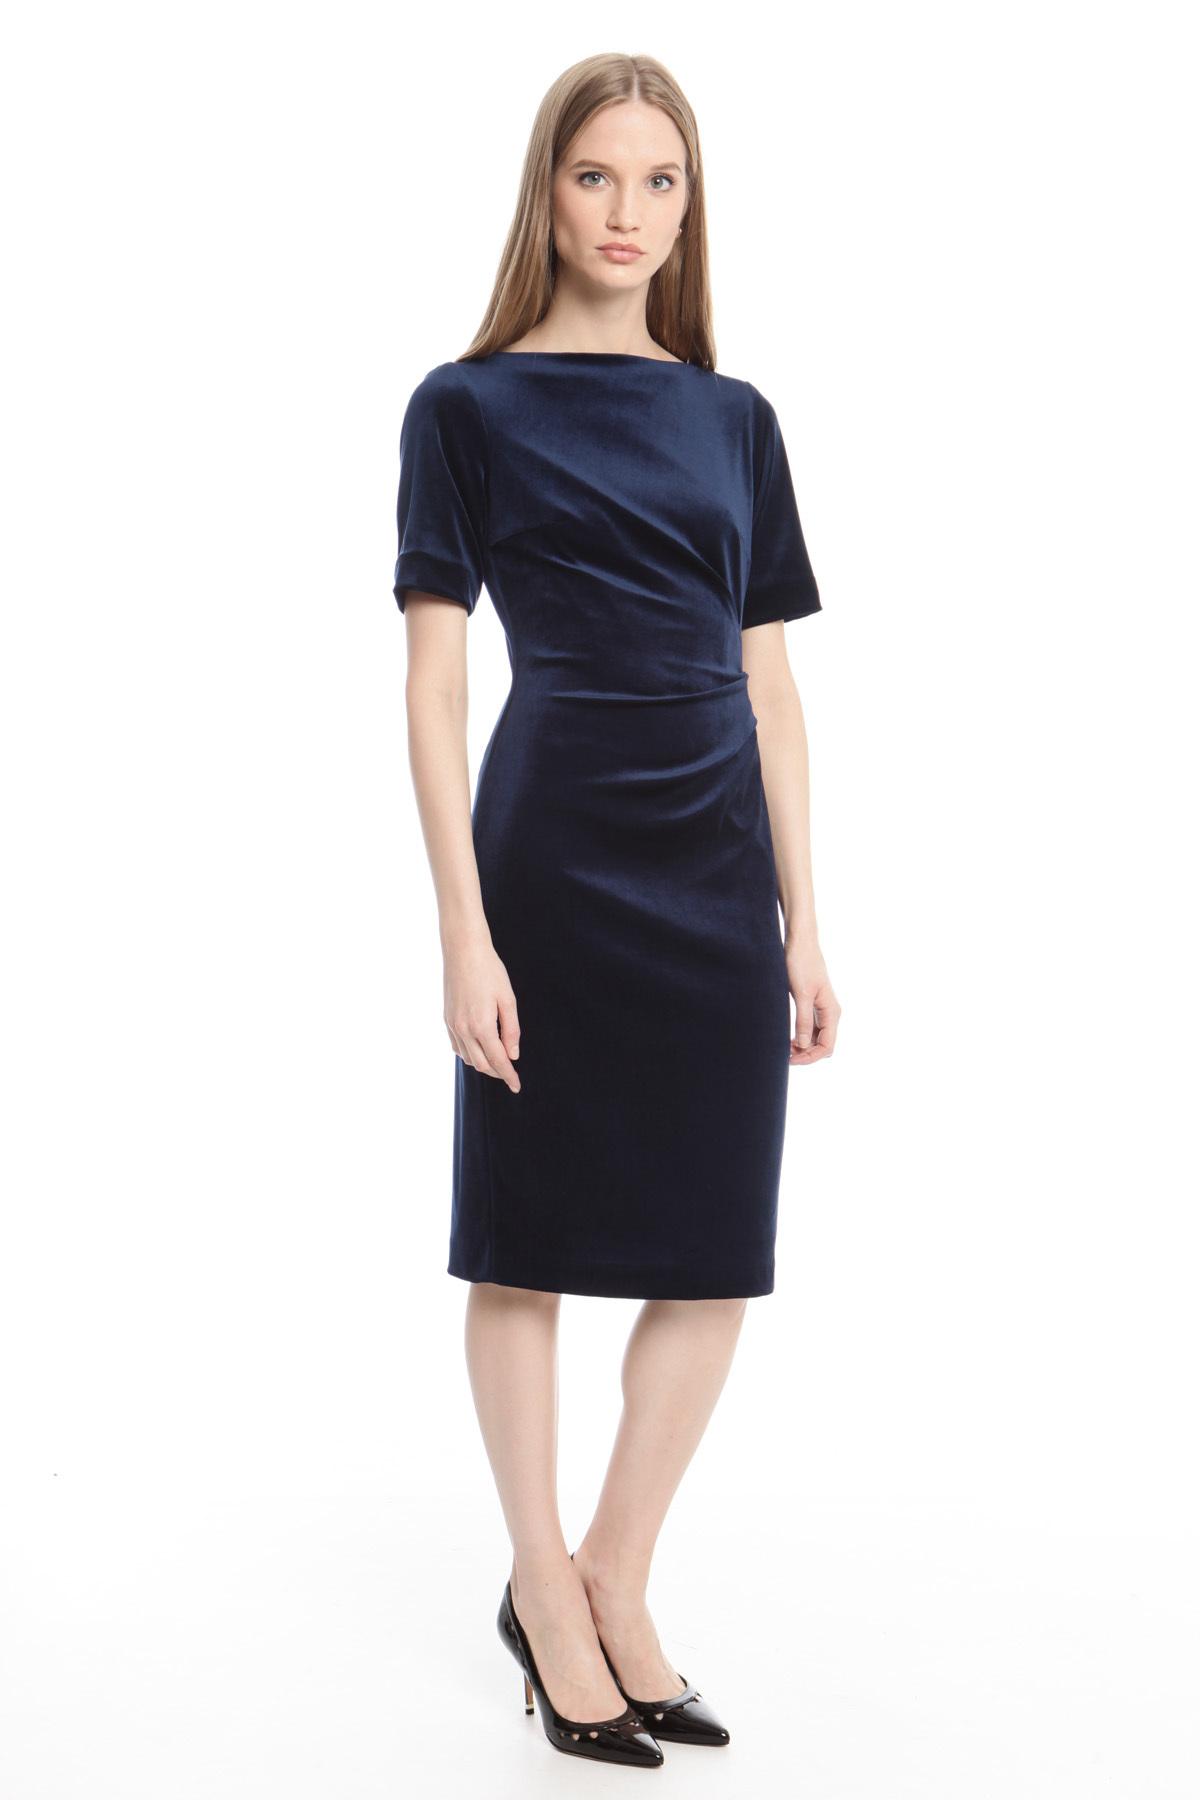 Célèbre Vestiti Eleganti Da Donna: Abiti e Completi Firmati, Scontati LF16